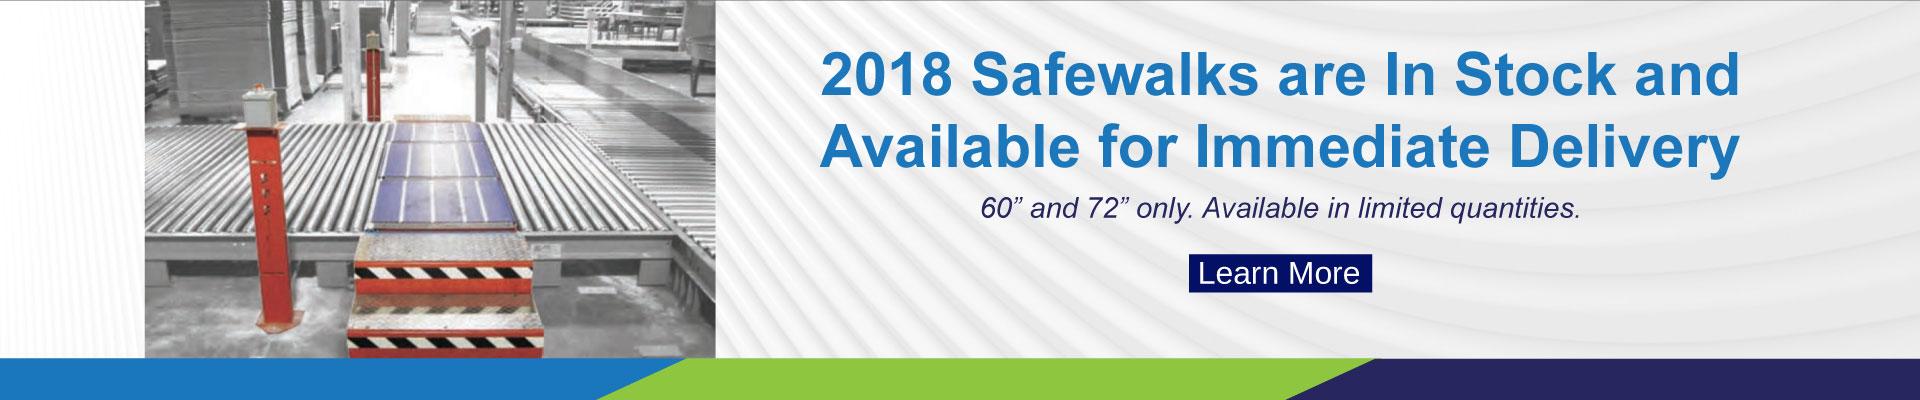 Safewalk December